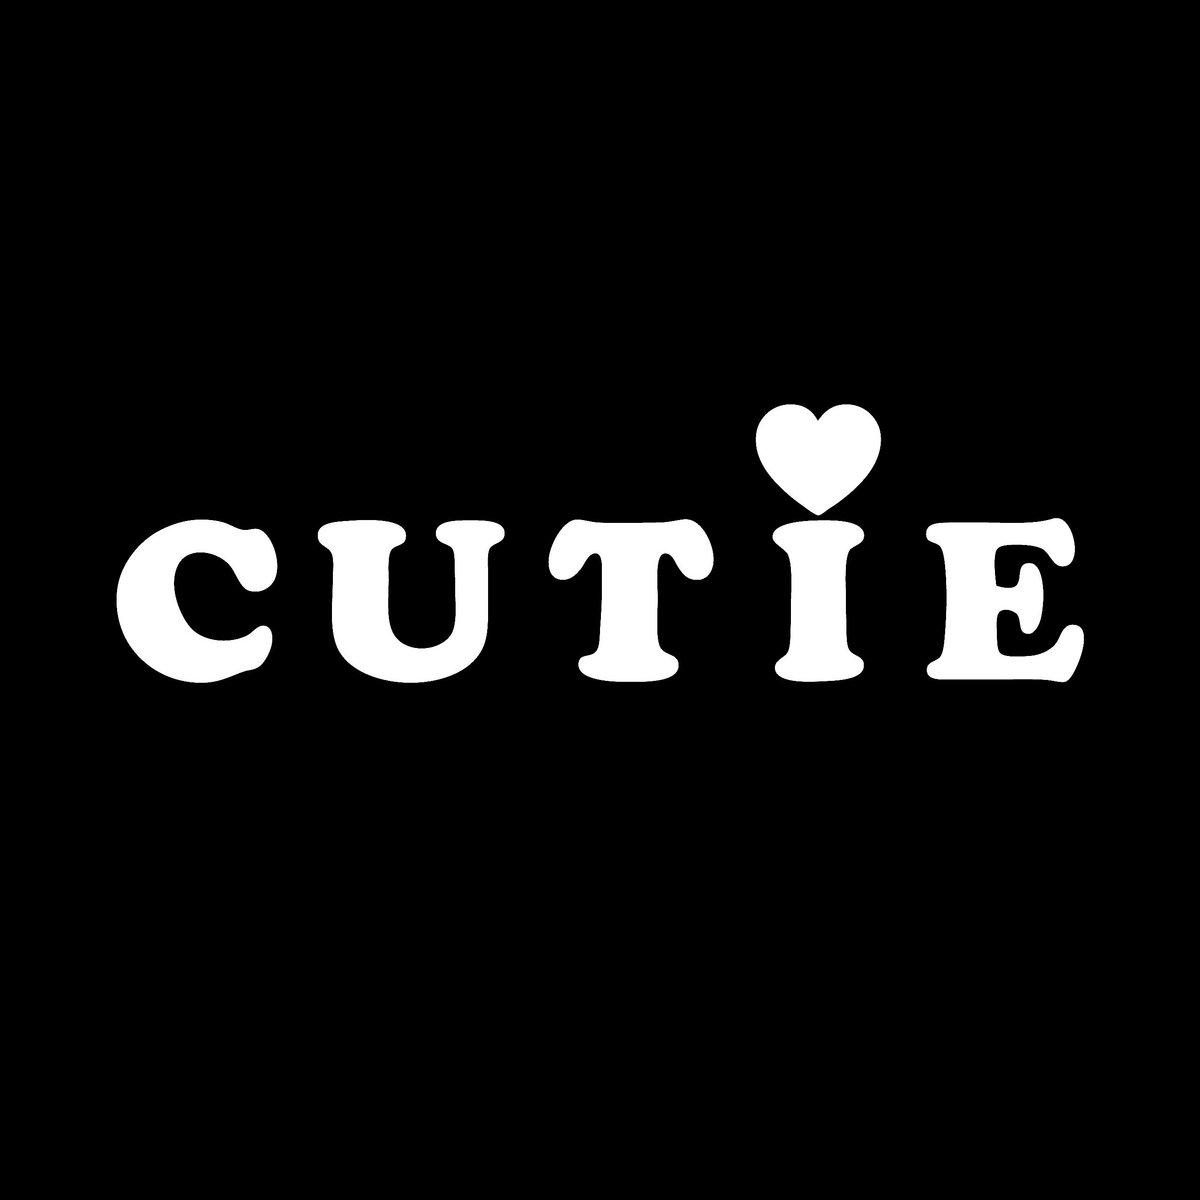 CUTIE | CUTIE